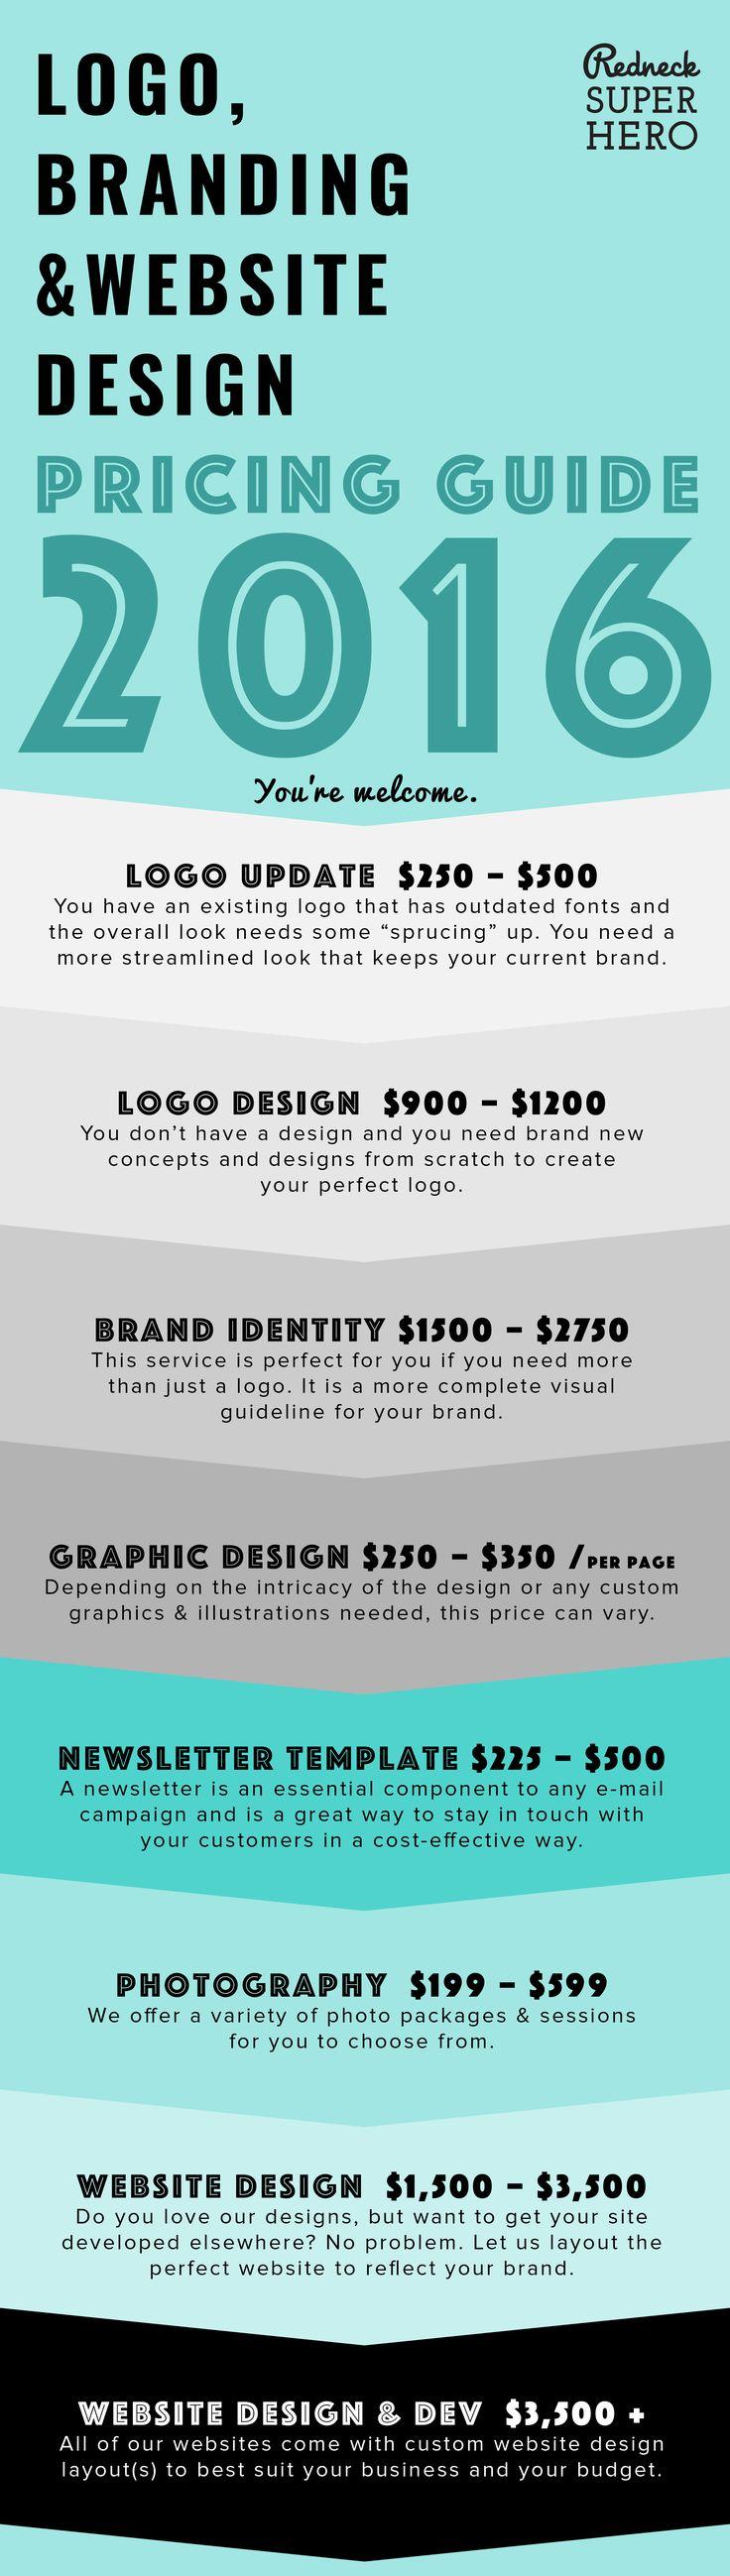 Athens Digital Marketing Agency Seo Company Athens Ga Seo Digital Marketing Youtube Marketing Internet Marketing Company